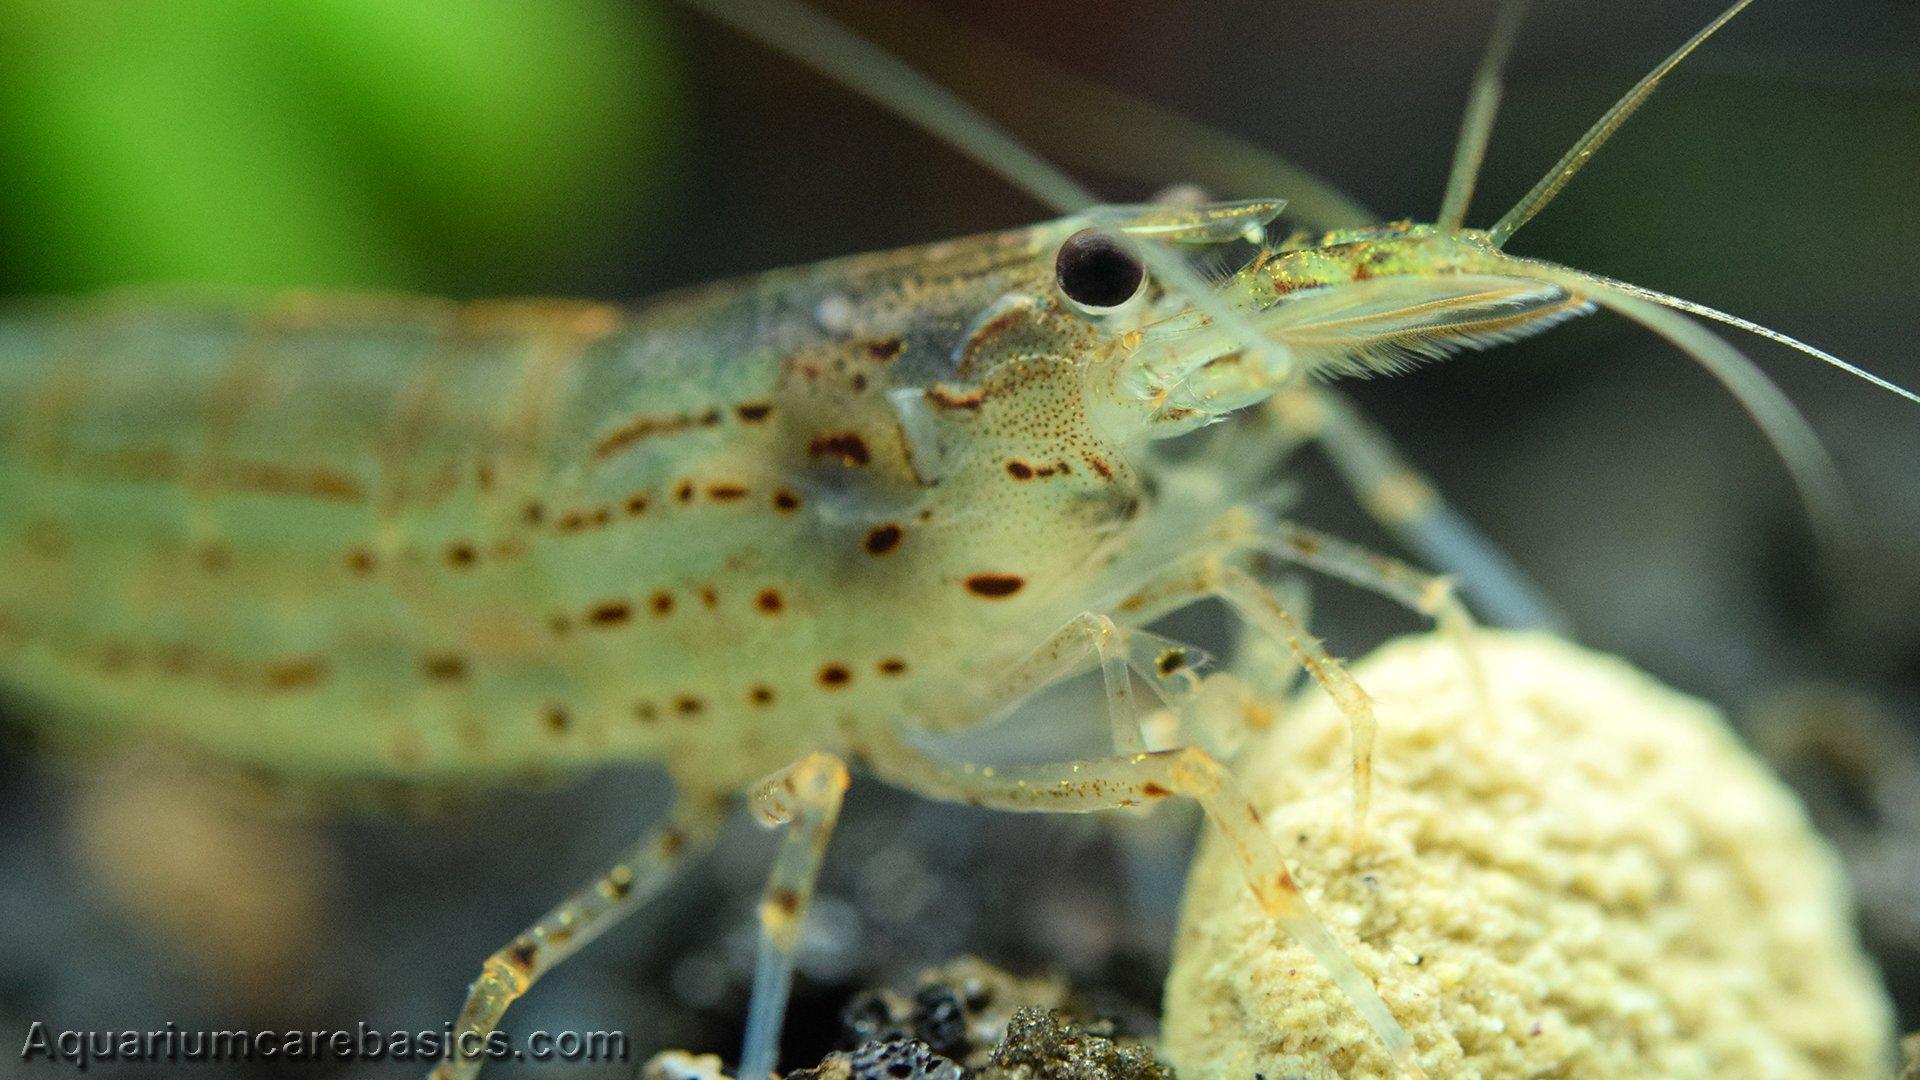 Amano Shrimp Care, Feeding, Algae Eating, Size, Lifespan - Video